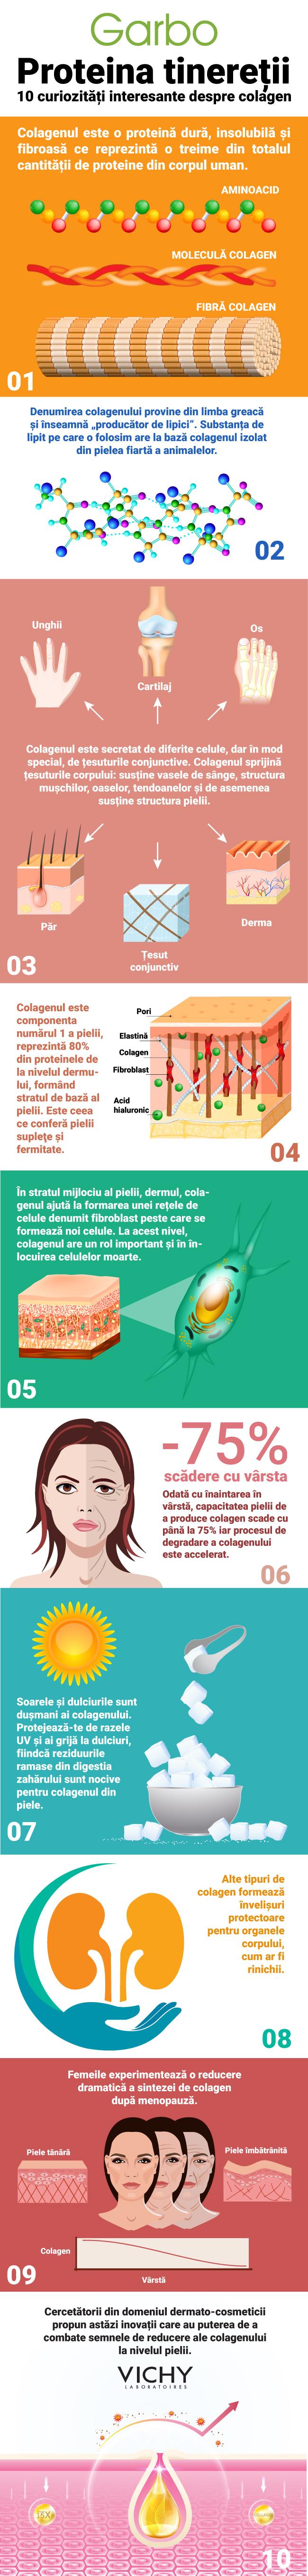 infografic, curiozitati despre colagen